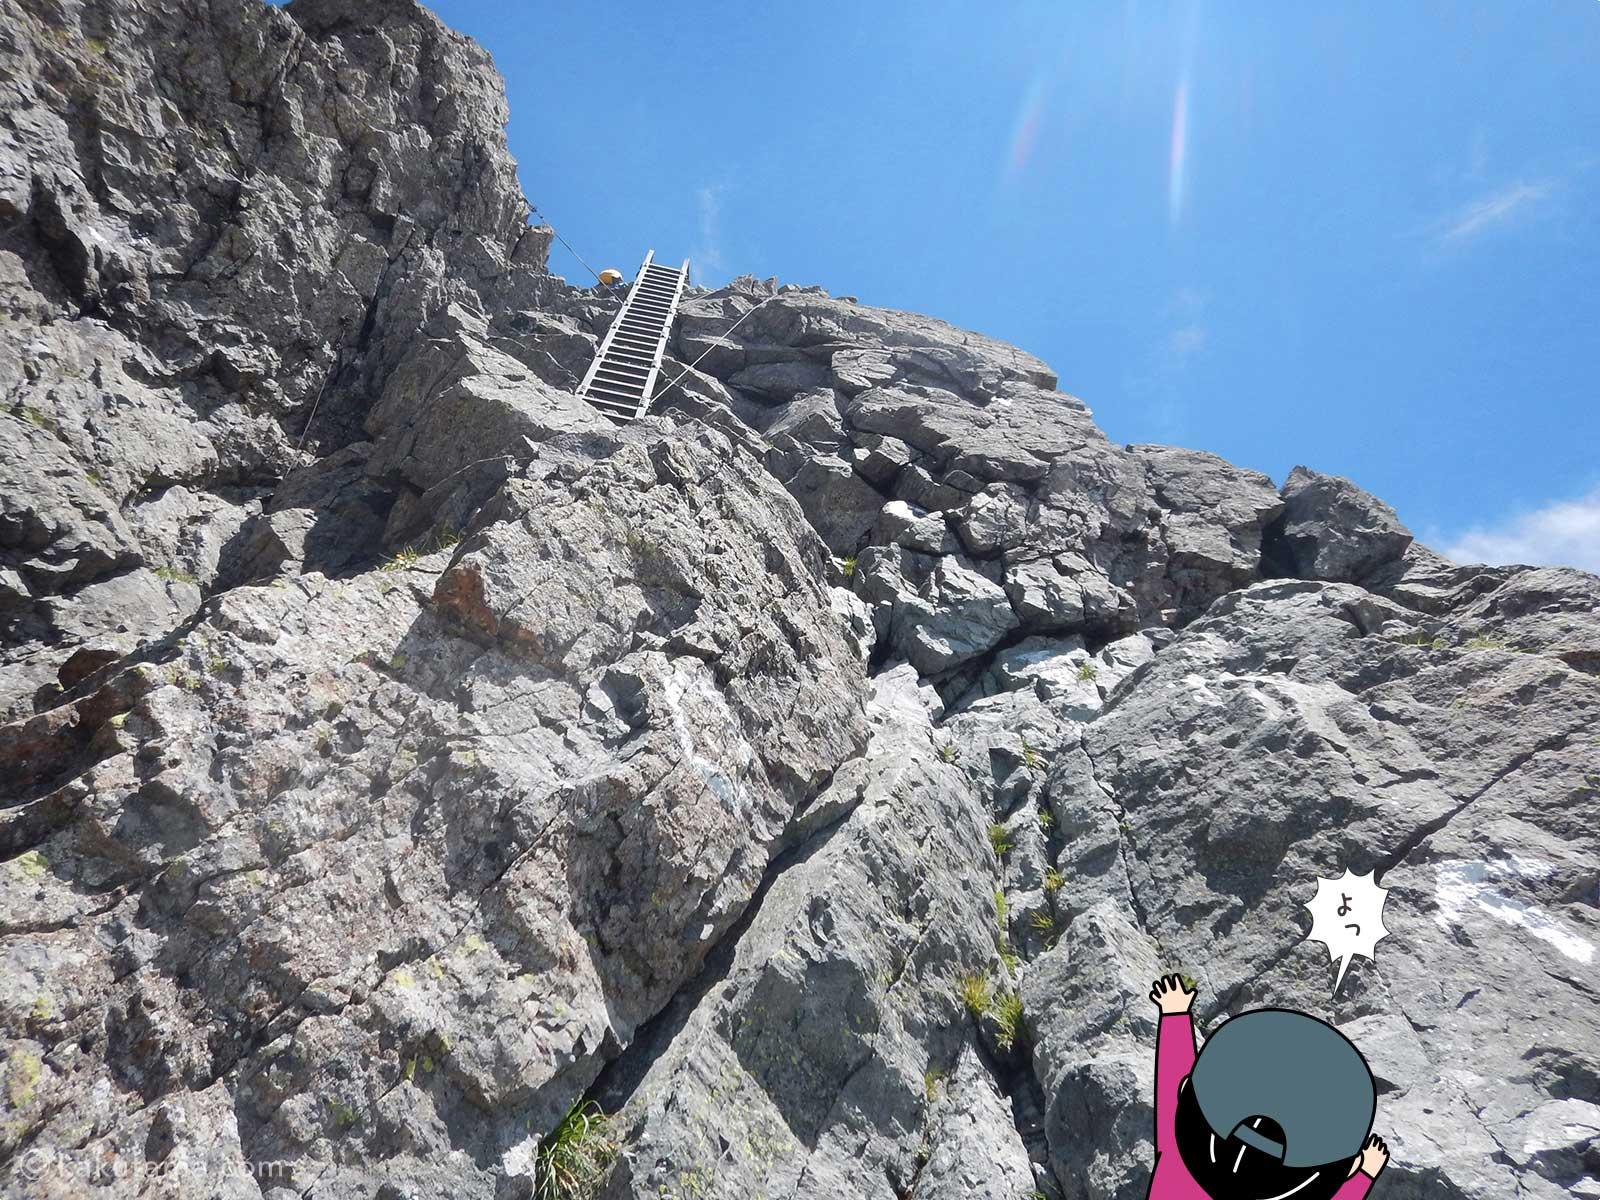 槍ヶ岳の岩場を登っていく2